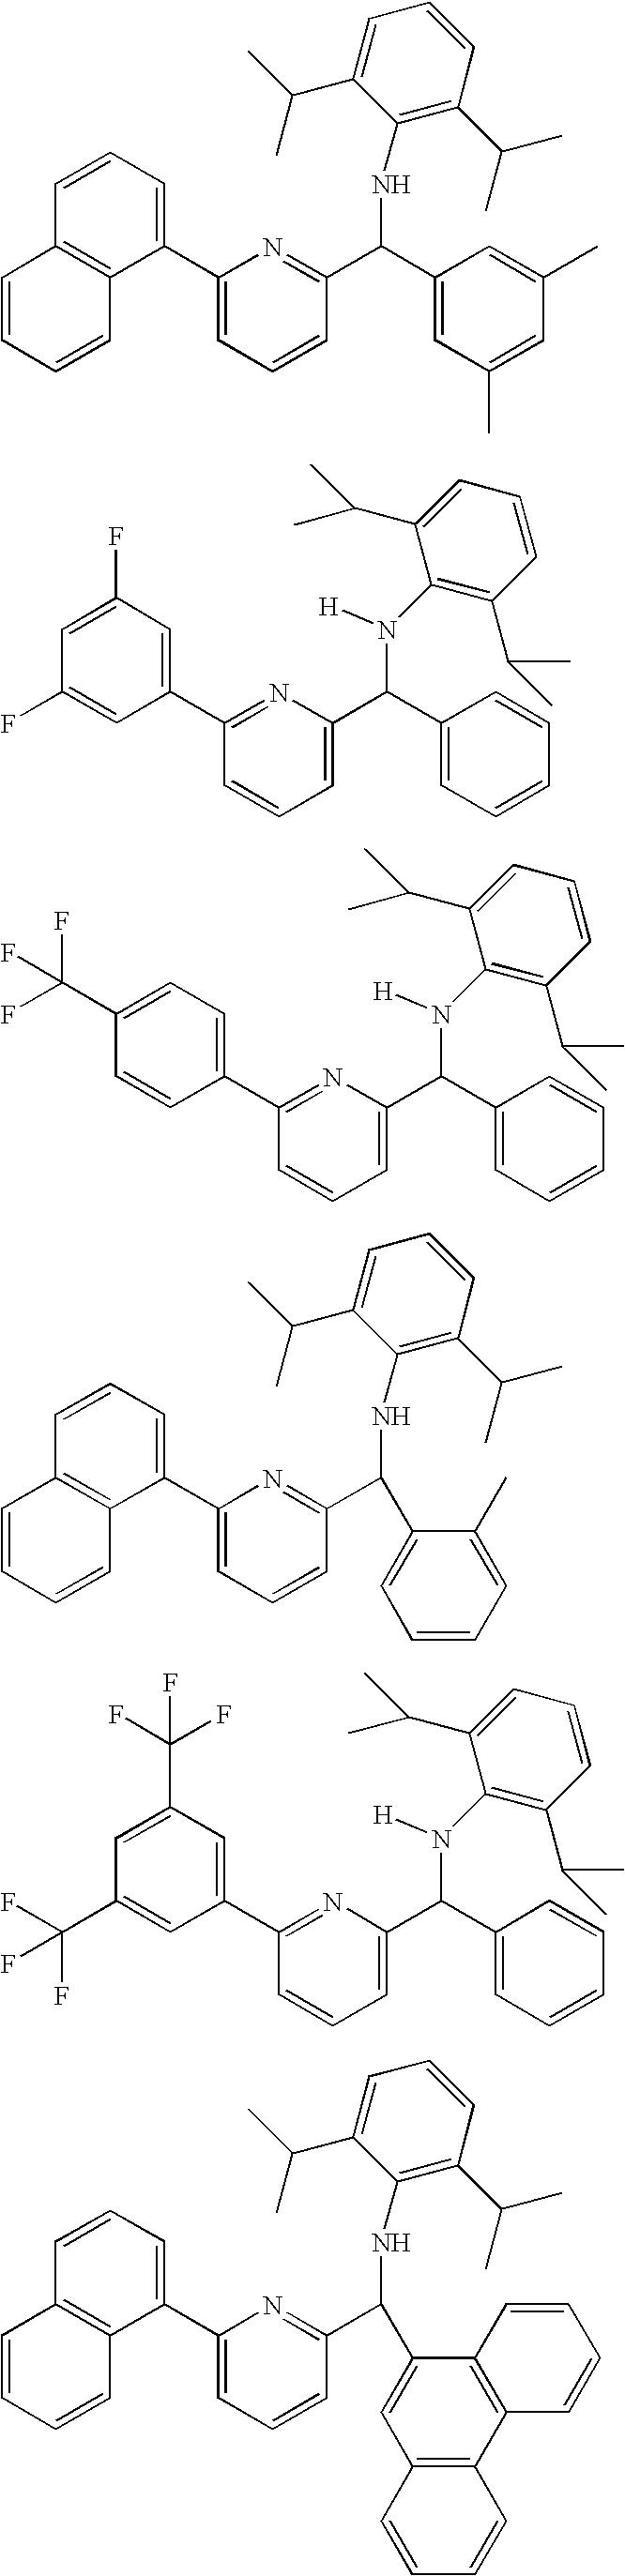 Figure US06900321-20050531-C00036